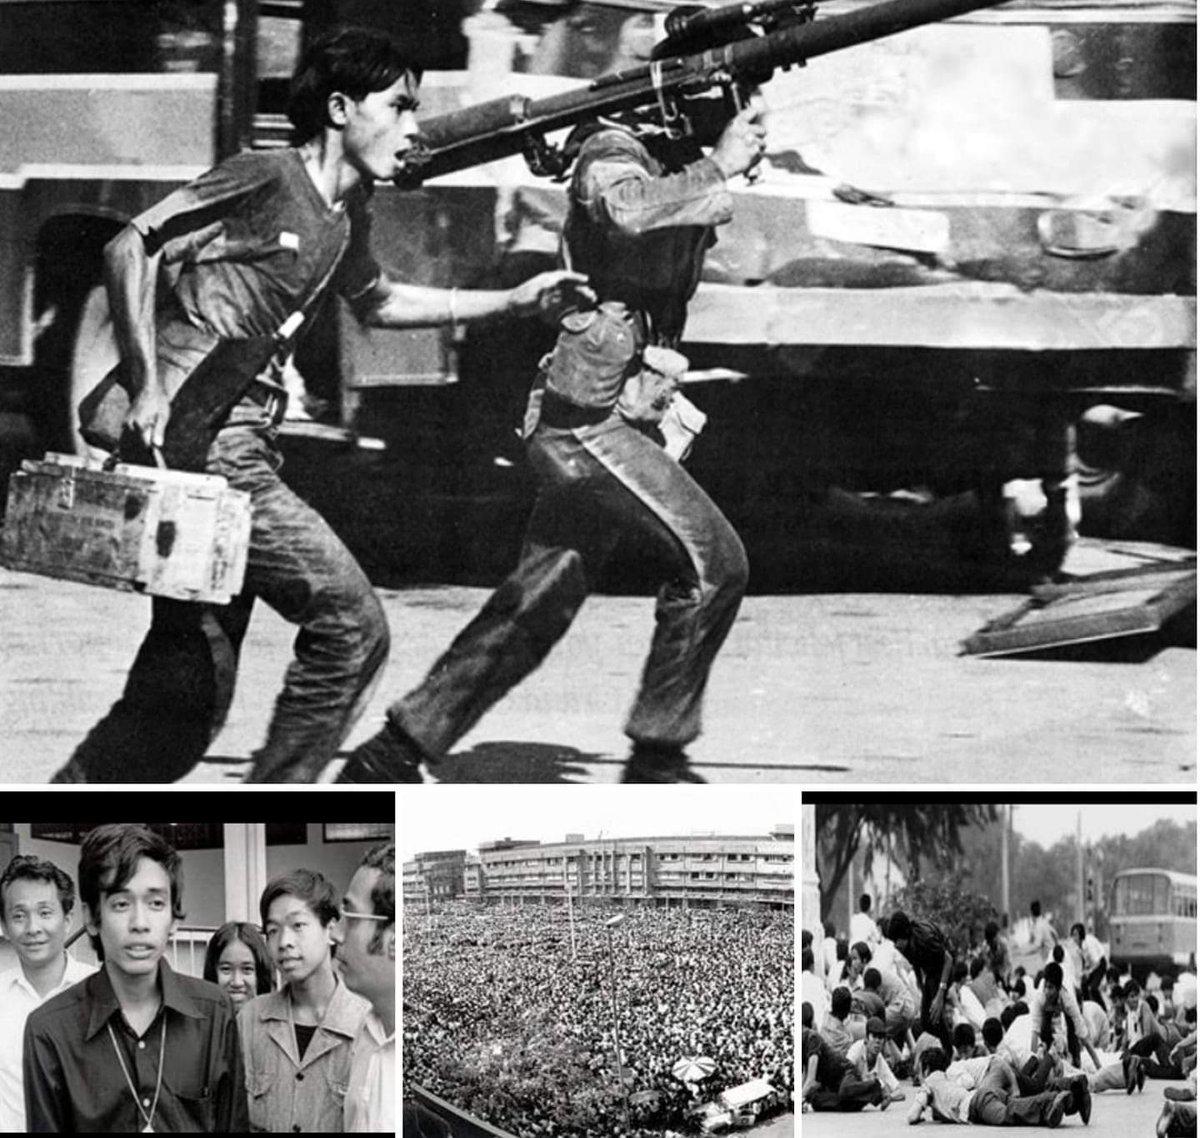 ตำราญี่ปุ่น เรียก 14 ตุลาคม 1973 ในไทย ว่า